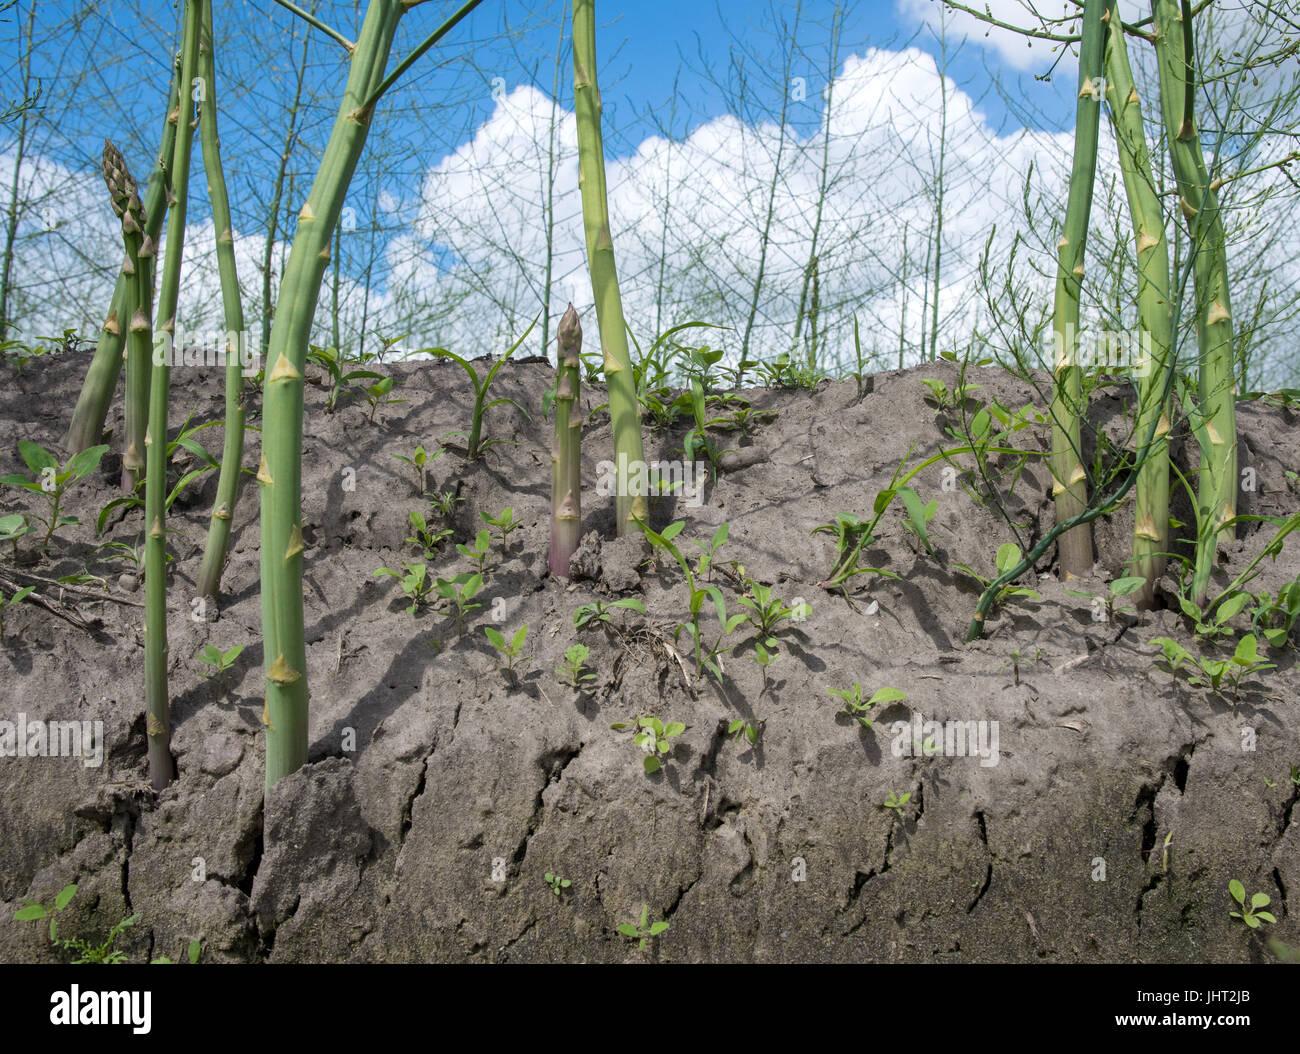 Harpstedt, Allemagne. 15 juillet, 2017. Environ un mètre de hauteur d'Asparagus et peut être vu sur un champ près de Harpstedt, Allemagne, 15 juillet 2017. Après la fin de la récolte d'asperges le 24 juin, l'usine a besoin de cultiver un bush vert avec de fines feuilles en forme d'aiguille,. Ce faisant, les asperges peuvent acquérir assez de force jusqu'à la première gelée pour survivre à l'hiver. Photo: Ingo Wagner/dpa/Alamy Live News Banque D'Images